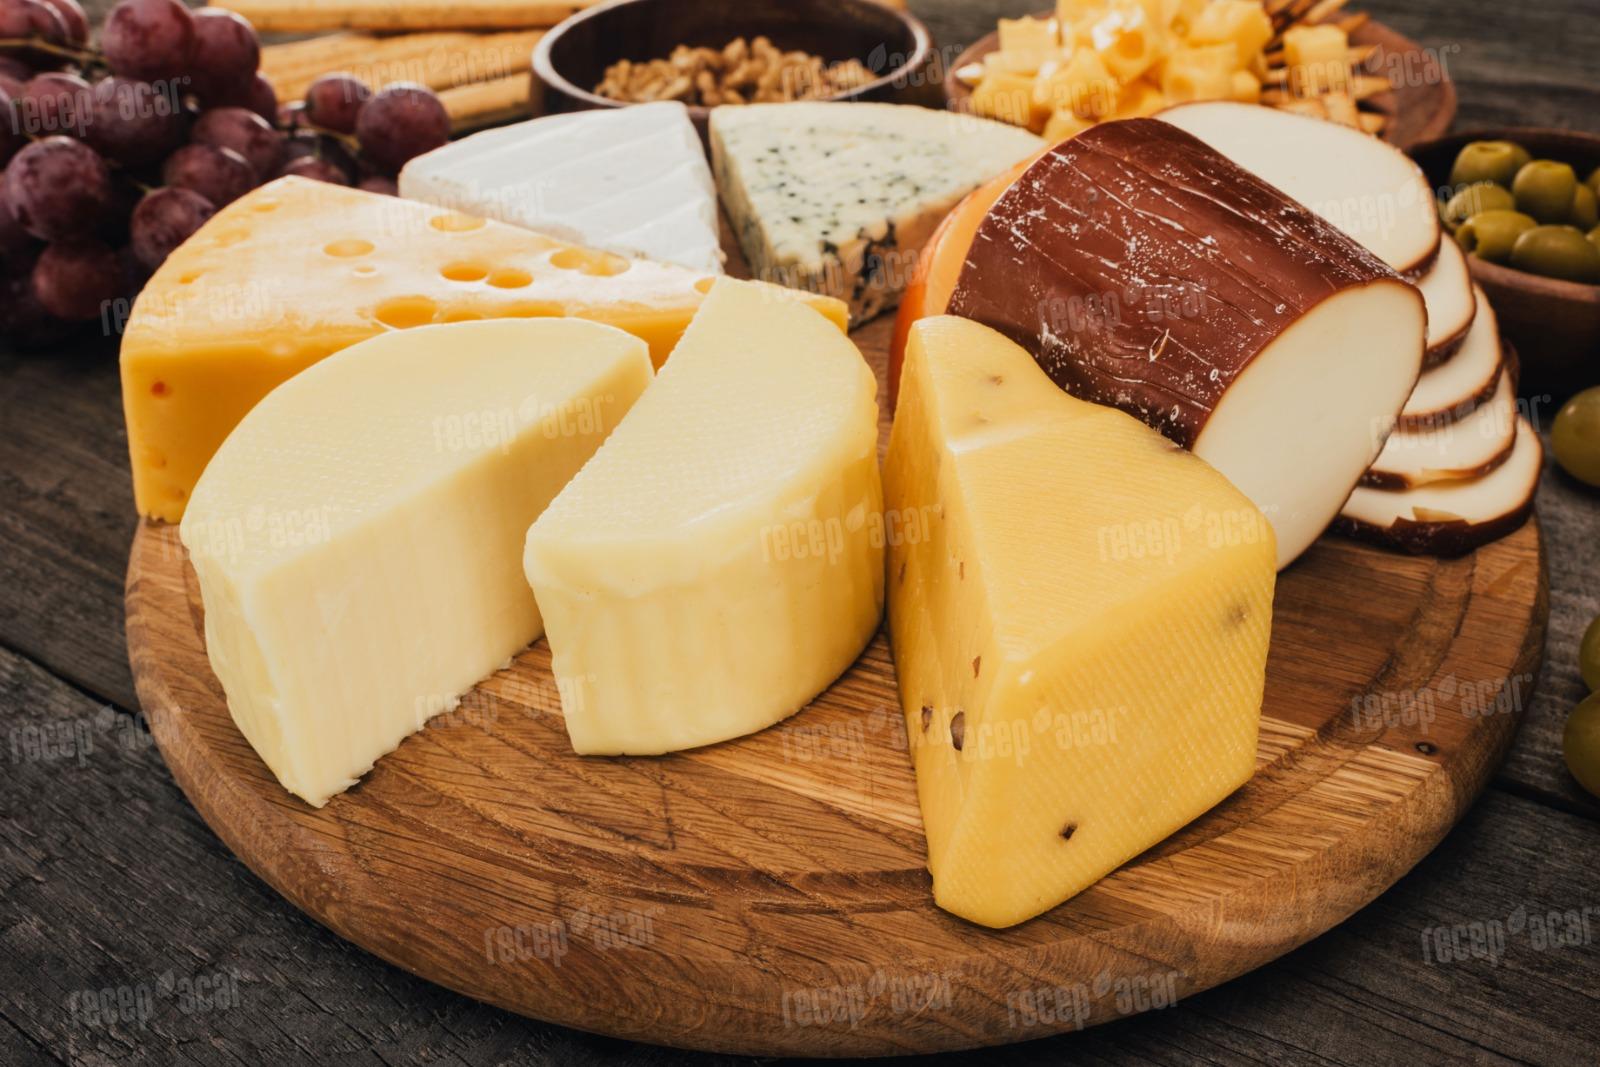 Peynir tüketenlerin sýklýkla yaptýðý 7 hata